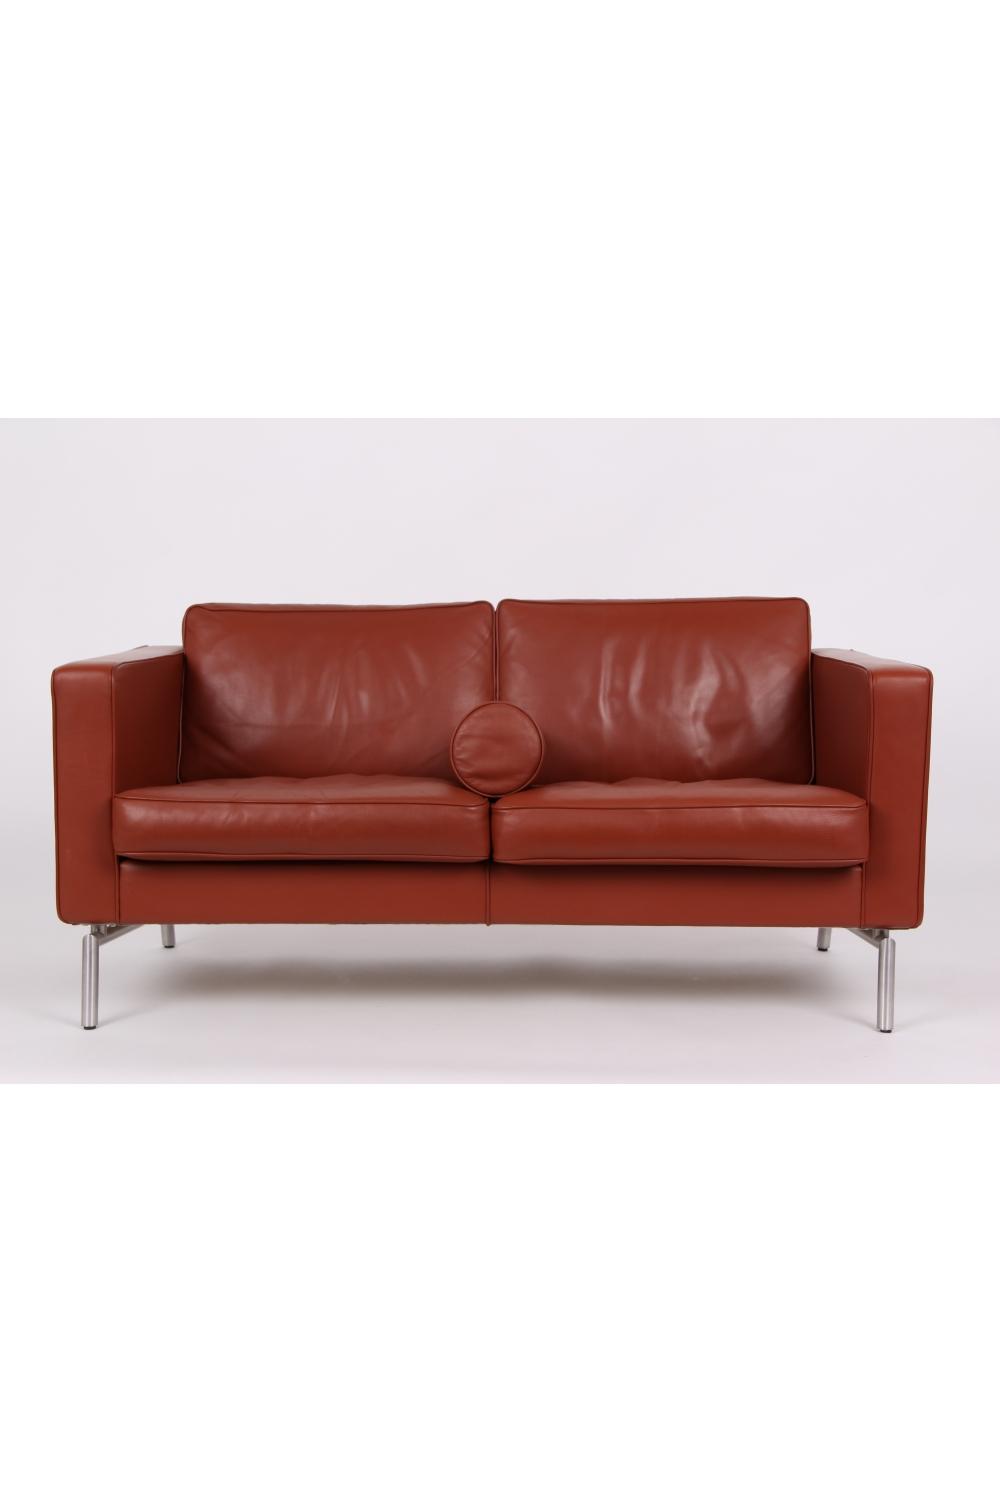 Gebrauchte 2-sitz Sofa. One Collection.